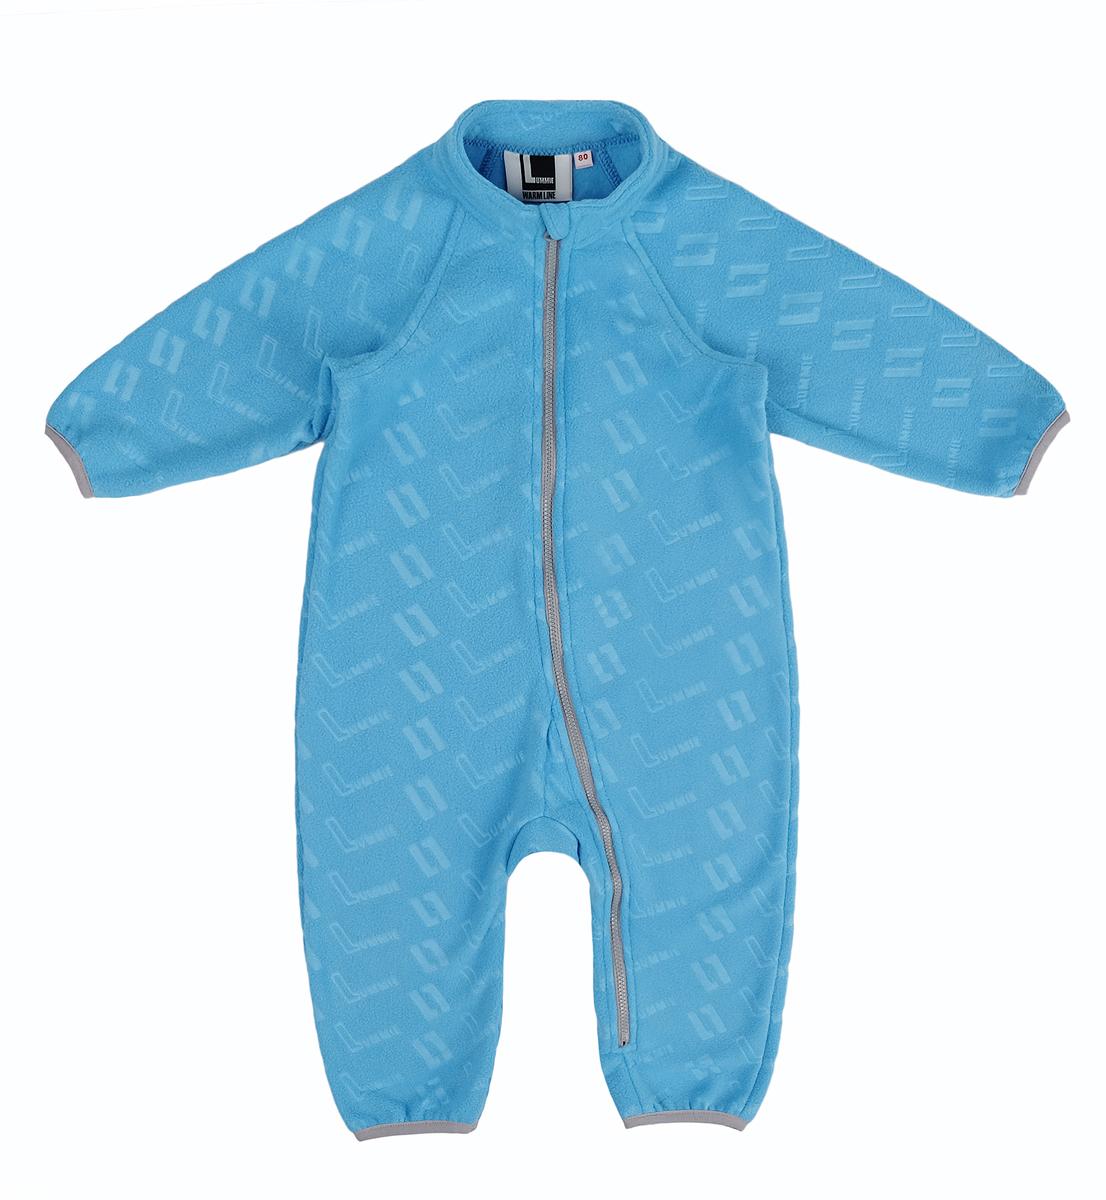 Комбинезон флисовый детский Lummie, цвет: синий. WL-21 L_blue. Размер 92, 2 годаWL-21 L_blueДетский комбинезон Lummie выполнен из мягкого и теплого флиса. Модель имеет длинные рукава-реглан, застегивается на молнию. Манжеты рукавов и брючины дополнены эластичными резинками.